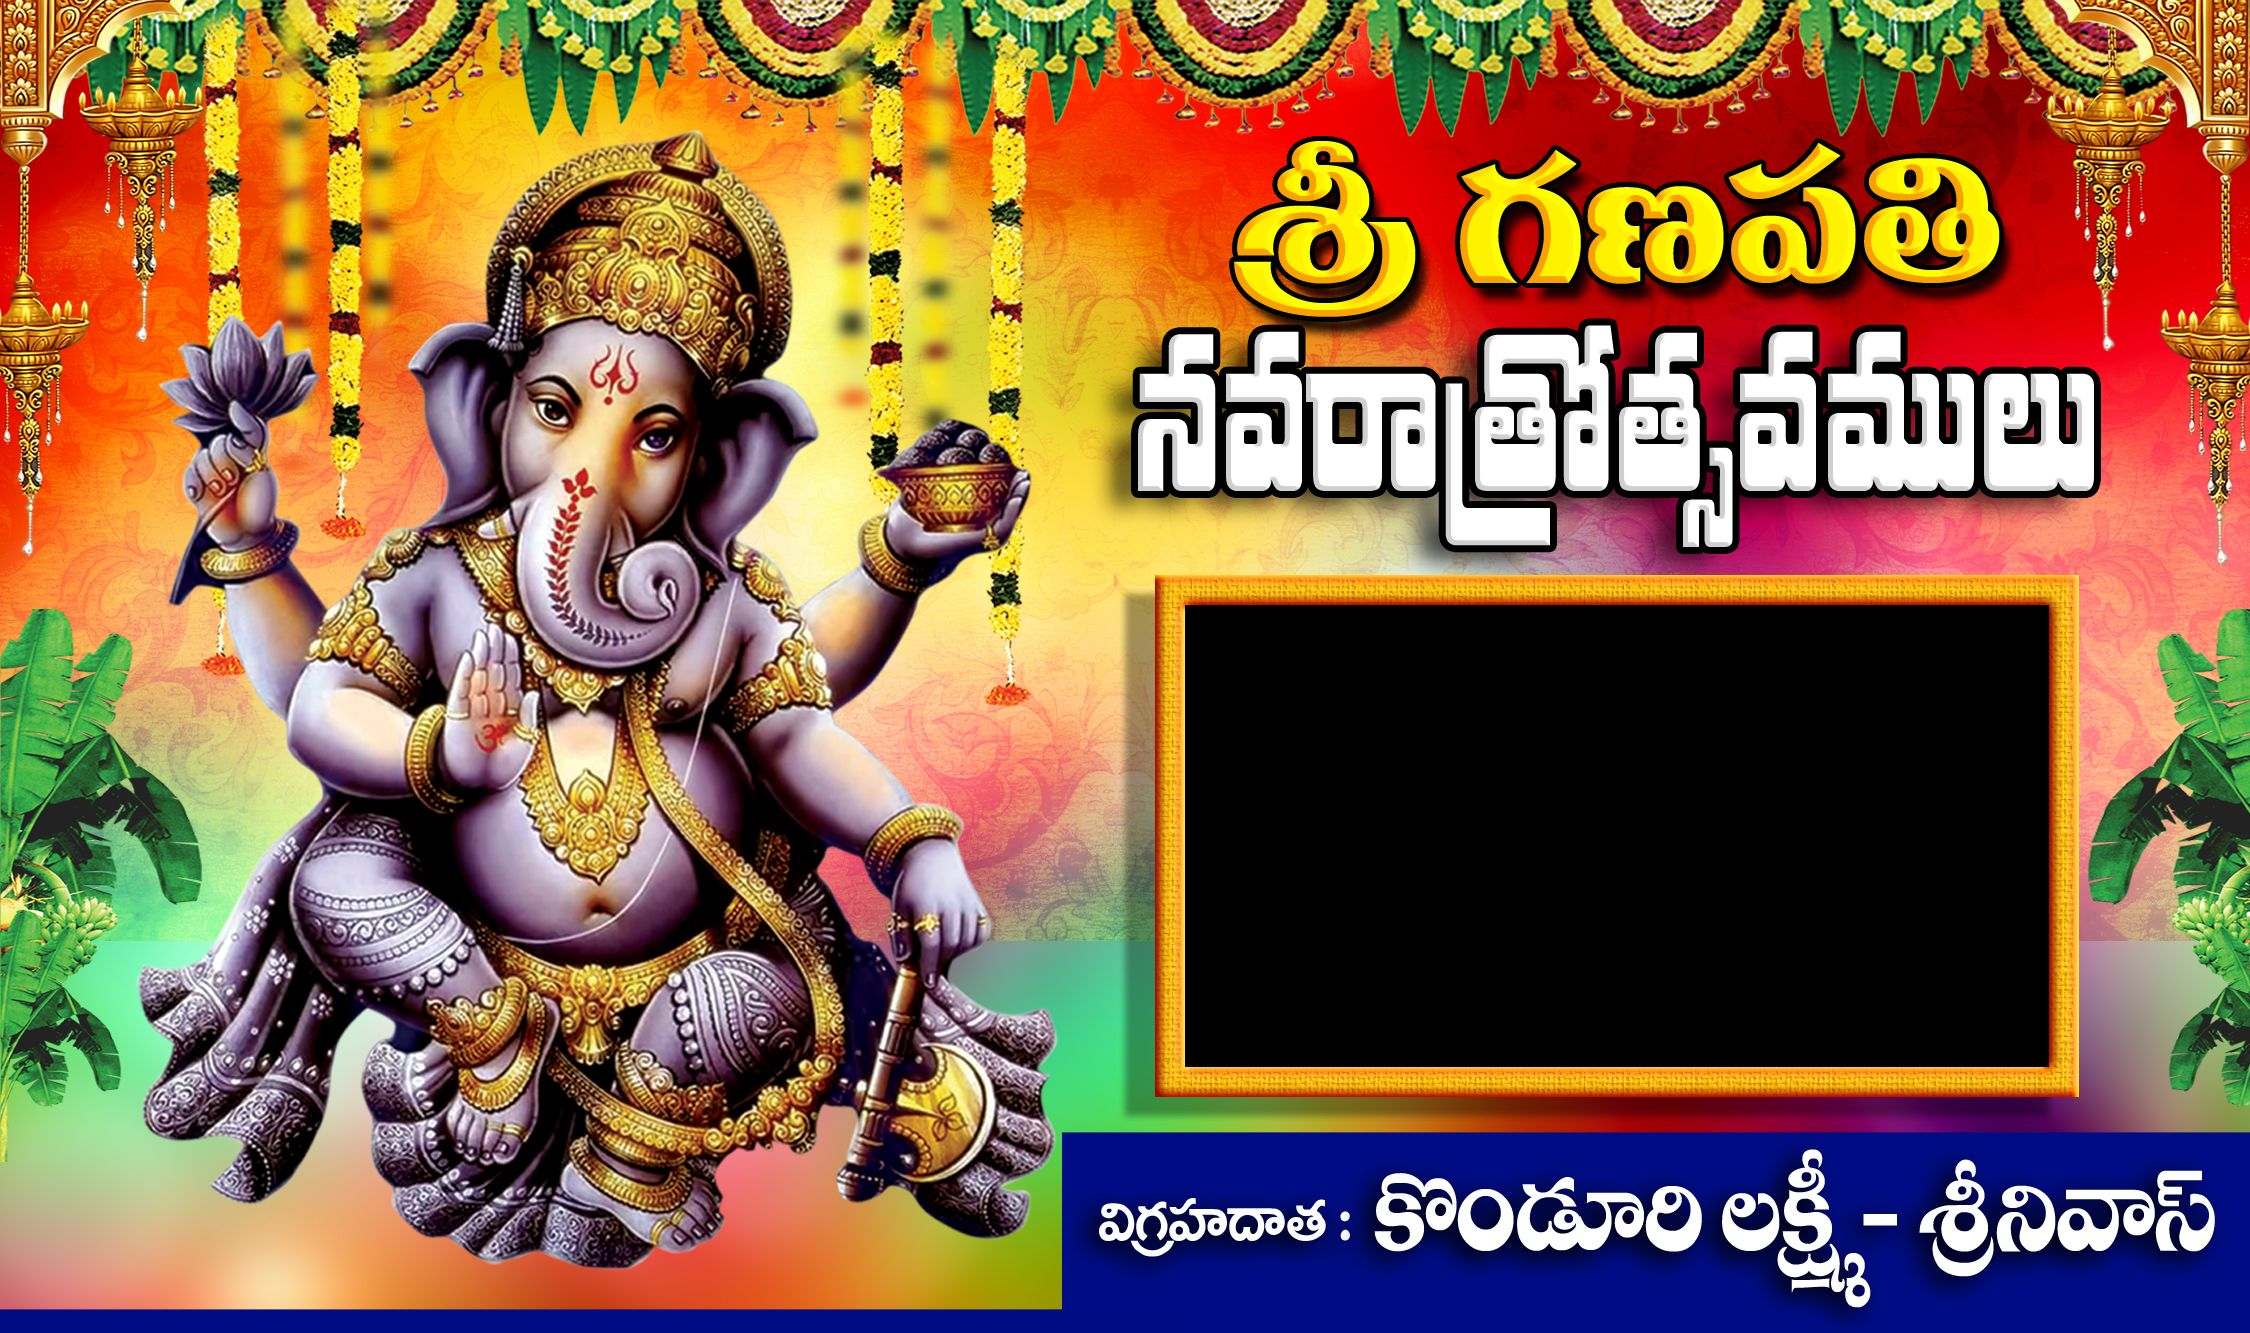 Vinayaka Chavithi Flex Banner Design Psd Background Free Downloads Flex Banner Design Wedding Banner Design Banner Design